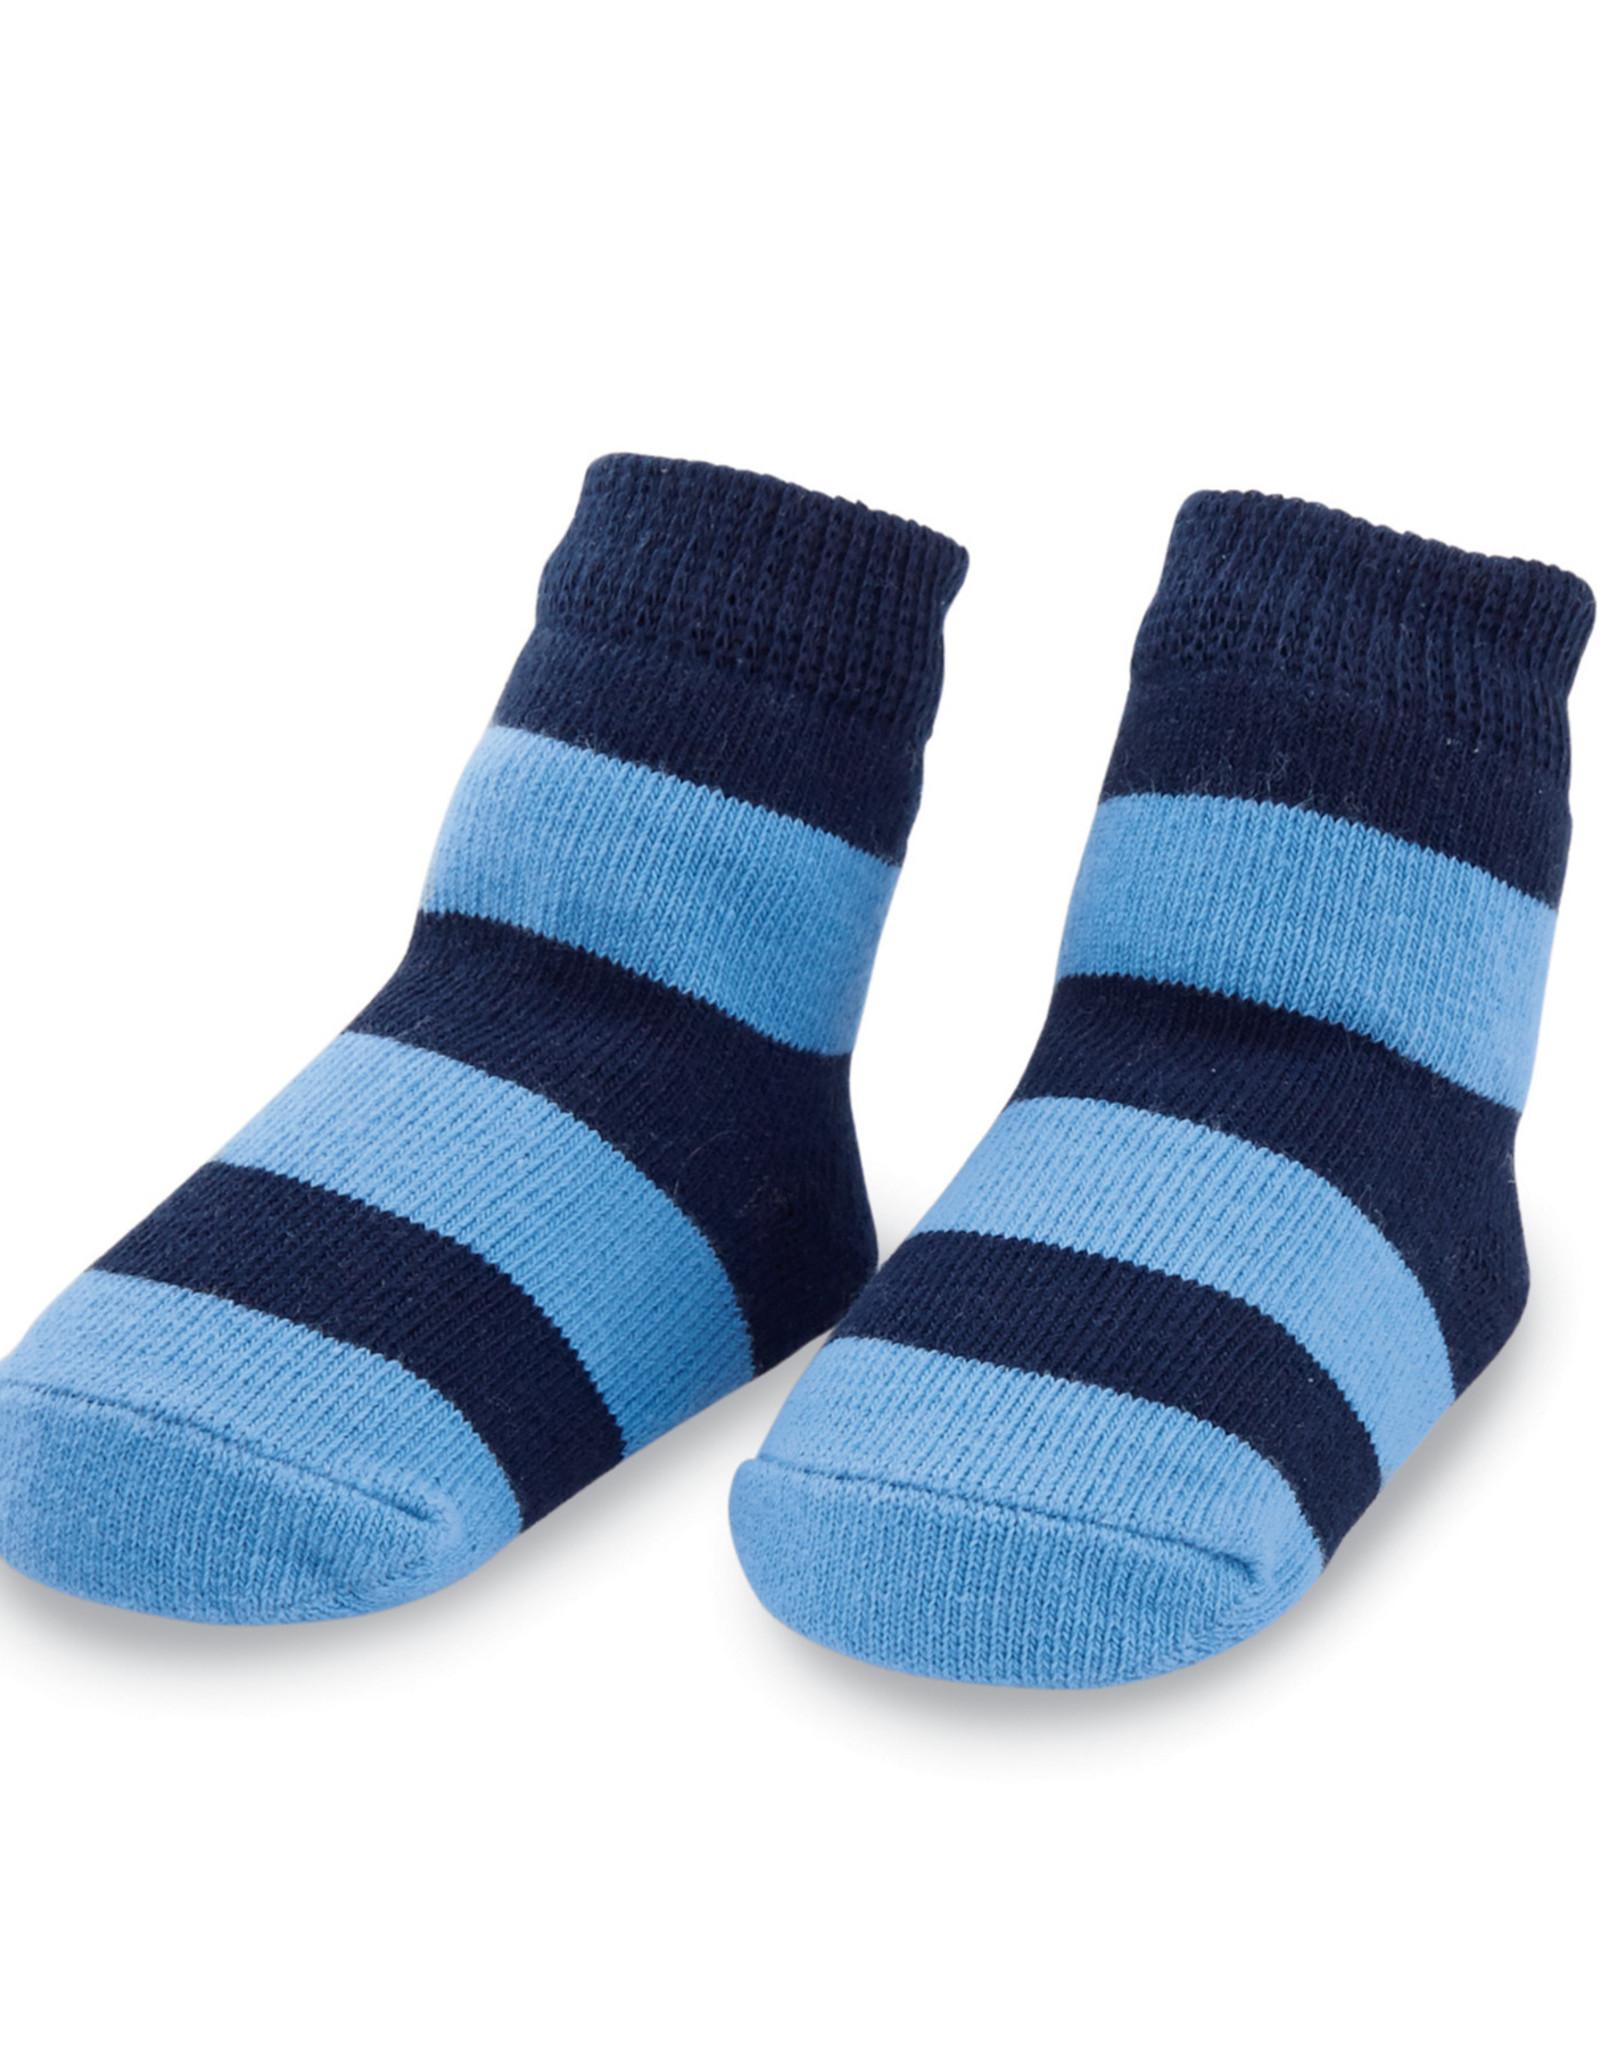 Mudpie Baby Socks, 0-12 mos.